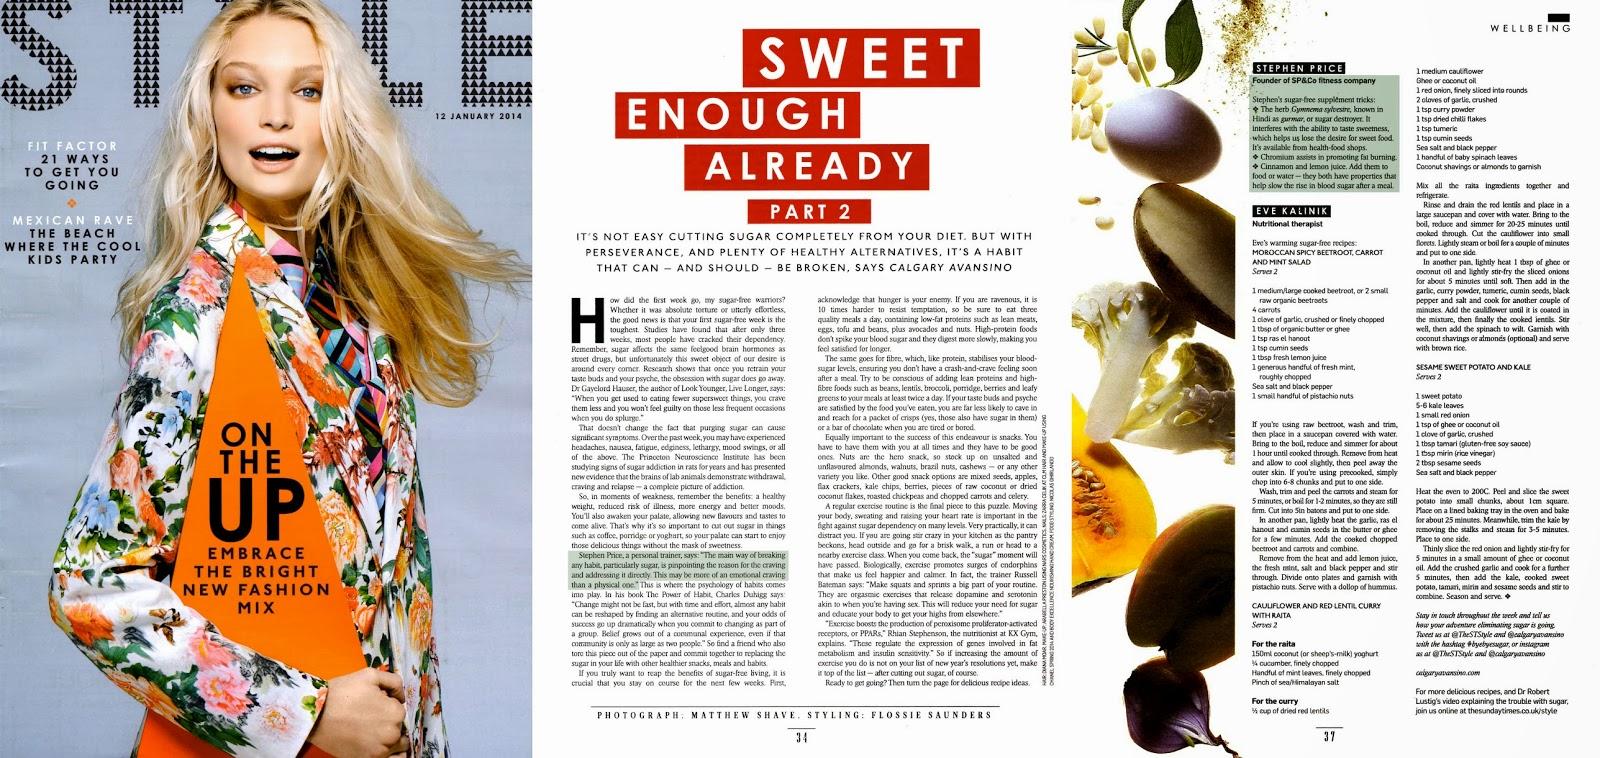 Magazine Cover : Melissa Tammerijn Magazine Photoshoot Pics on Sunday Times Style Magazine January 2014 Issue